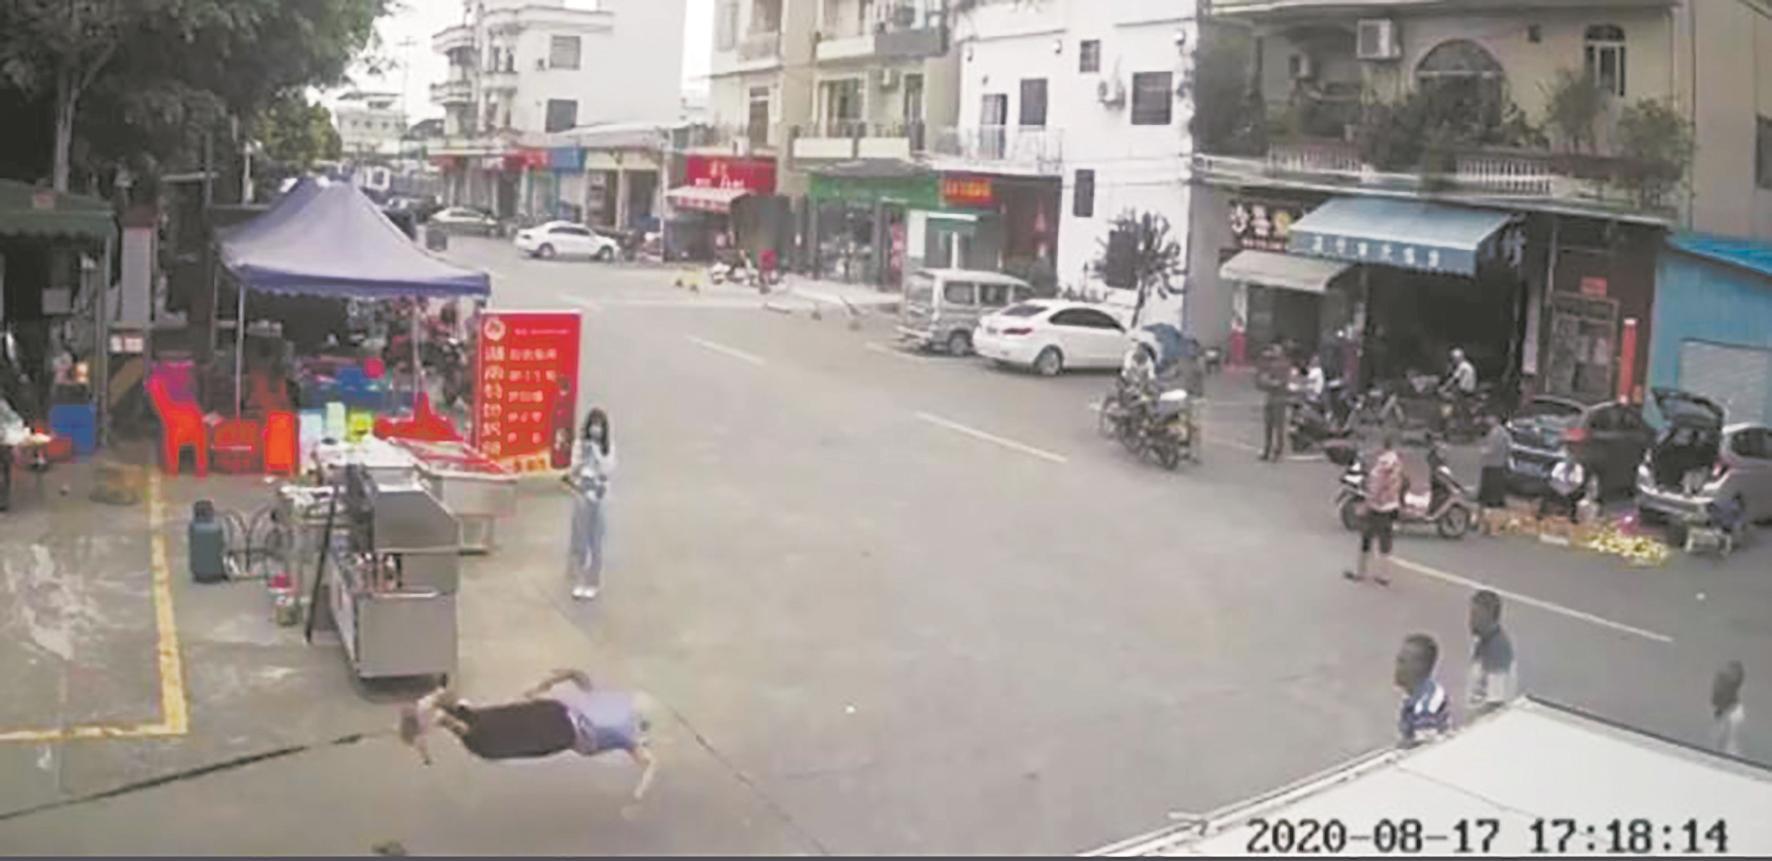 遛狗牵绳有必要吗?上海处罚20多起遛狗不牵绳行为,你怎么看?